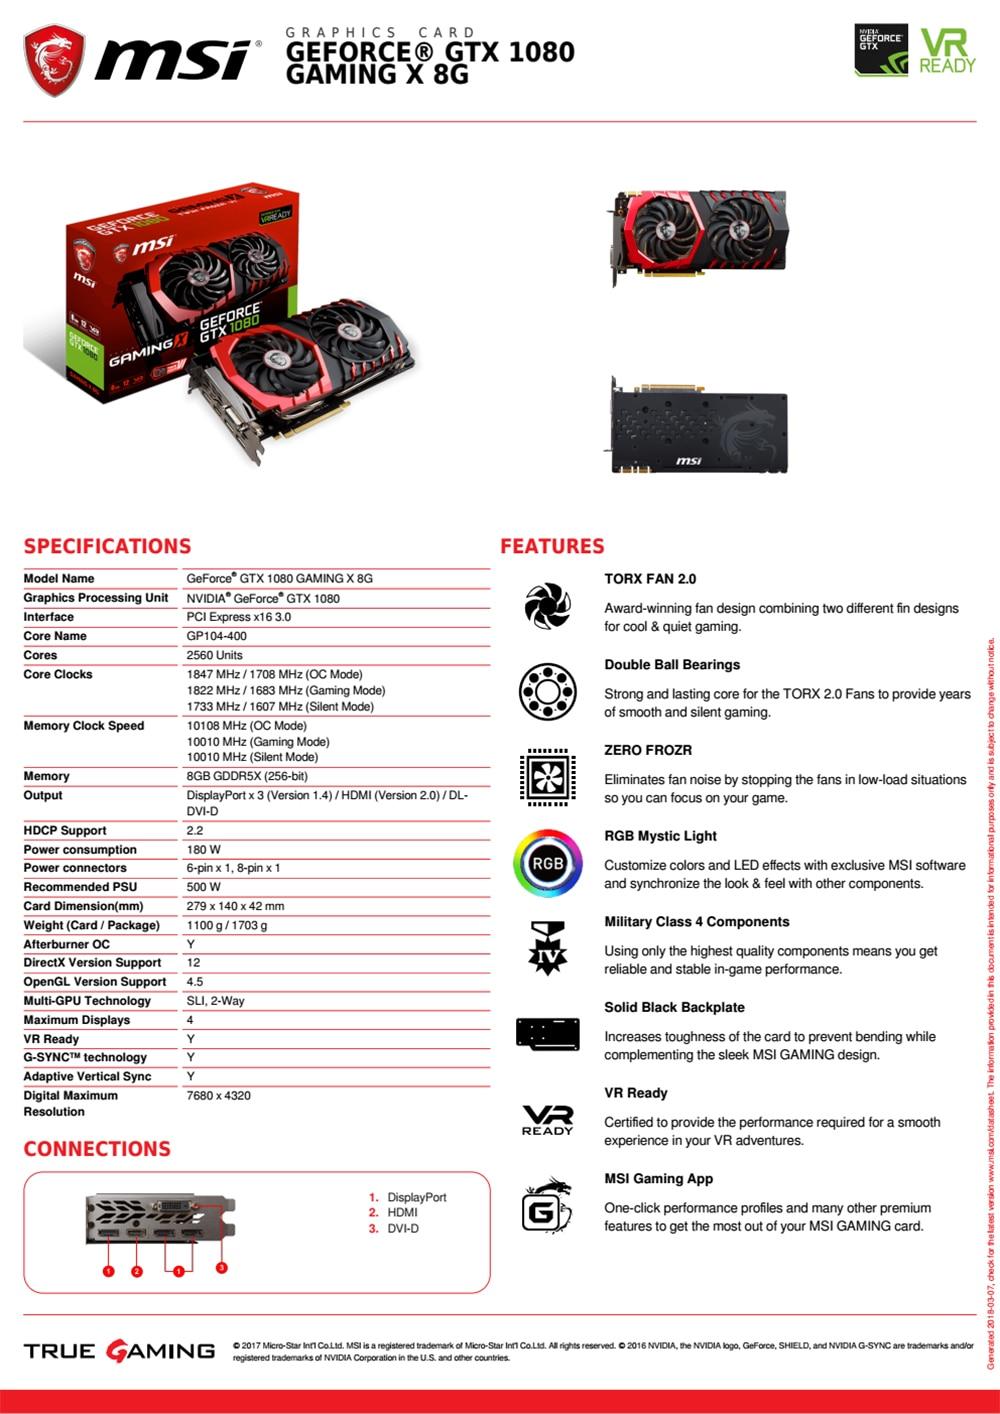 msi-geforce-gtx-1080-gaming-x-8g-datasheet_01